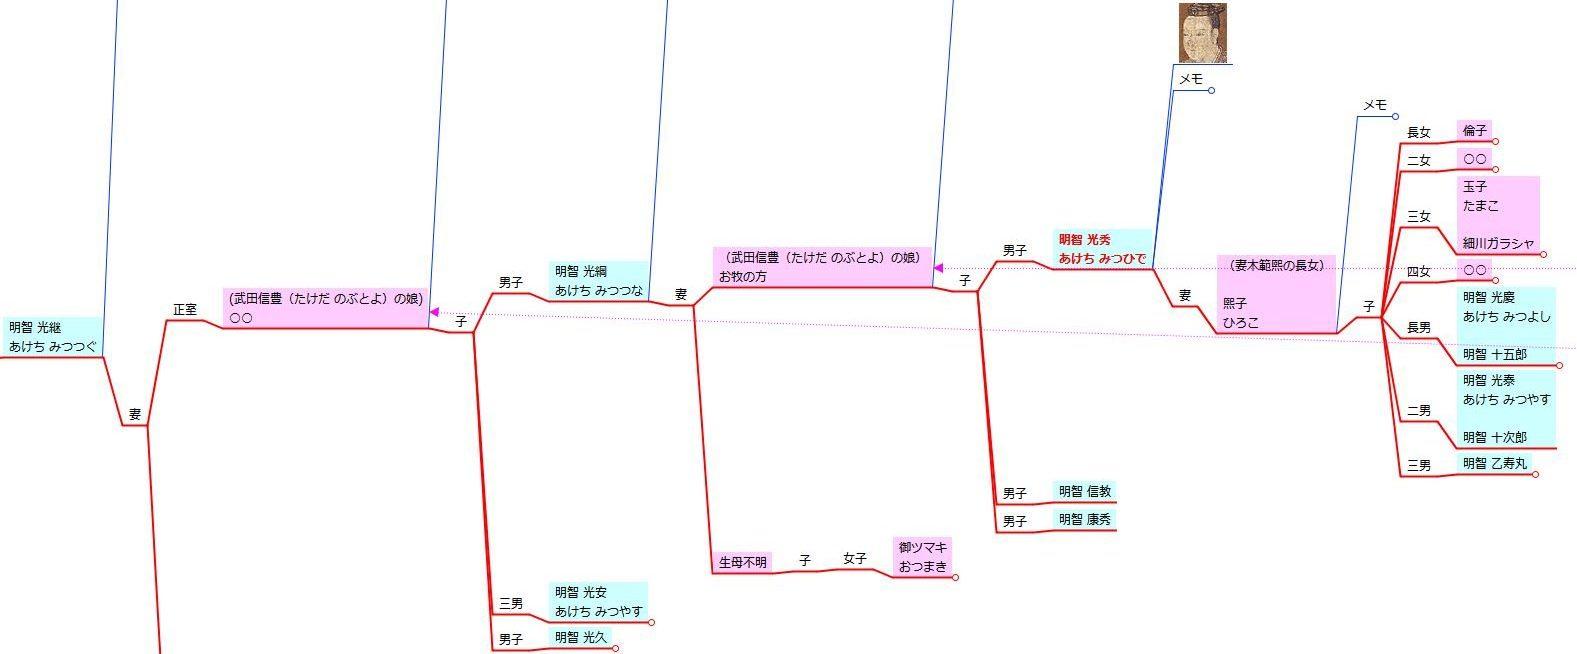 明智光秀関連 戦国四十家連結家系図 - 部分図